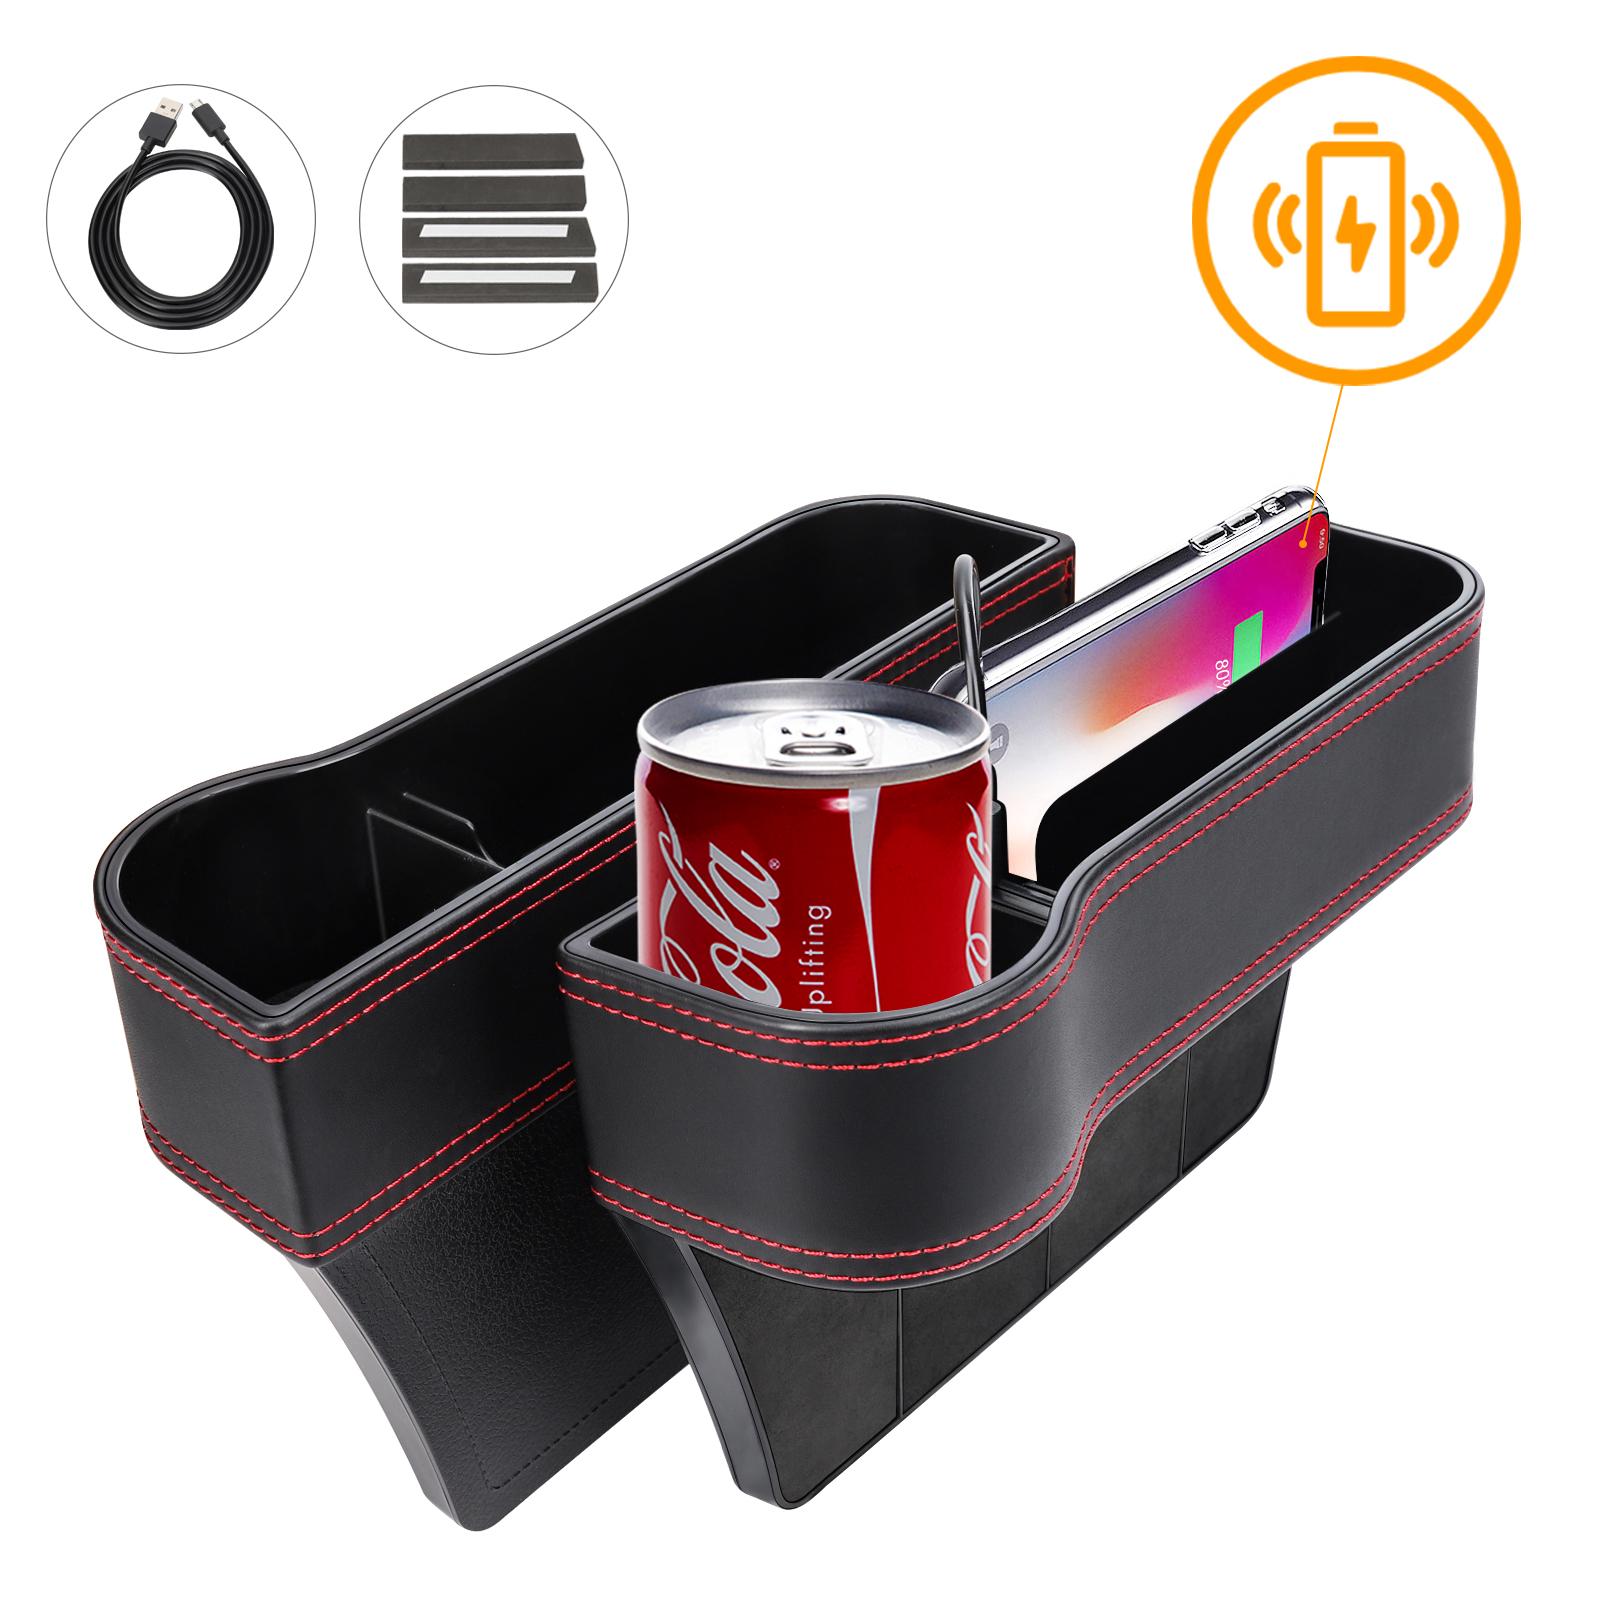 Car Auto Accessories Seat Seam Storage Box Phone Holder Organize/_vi